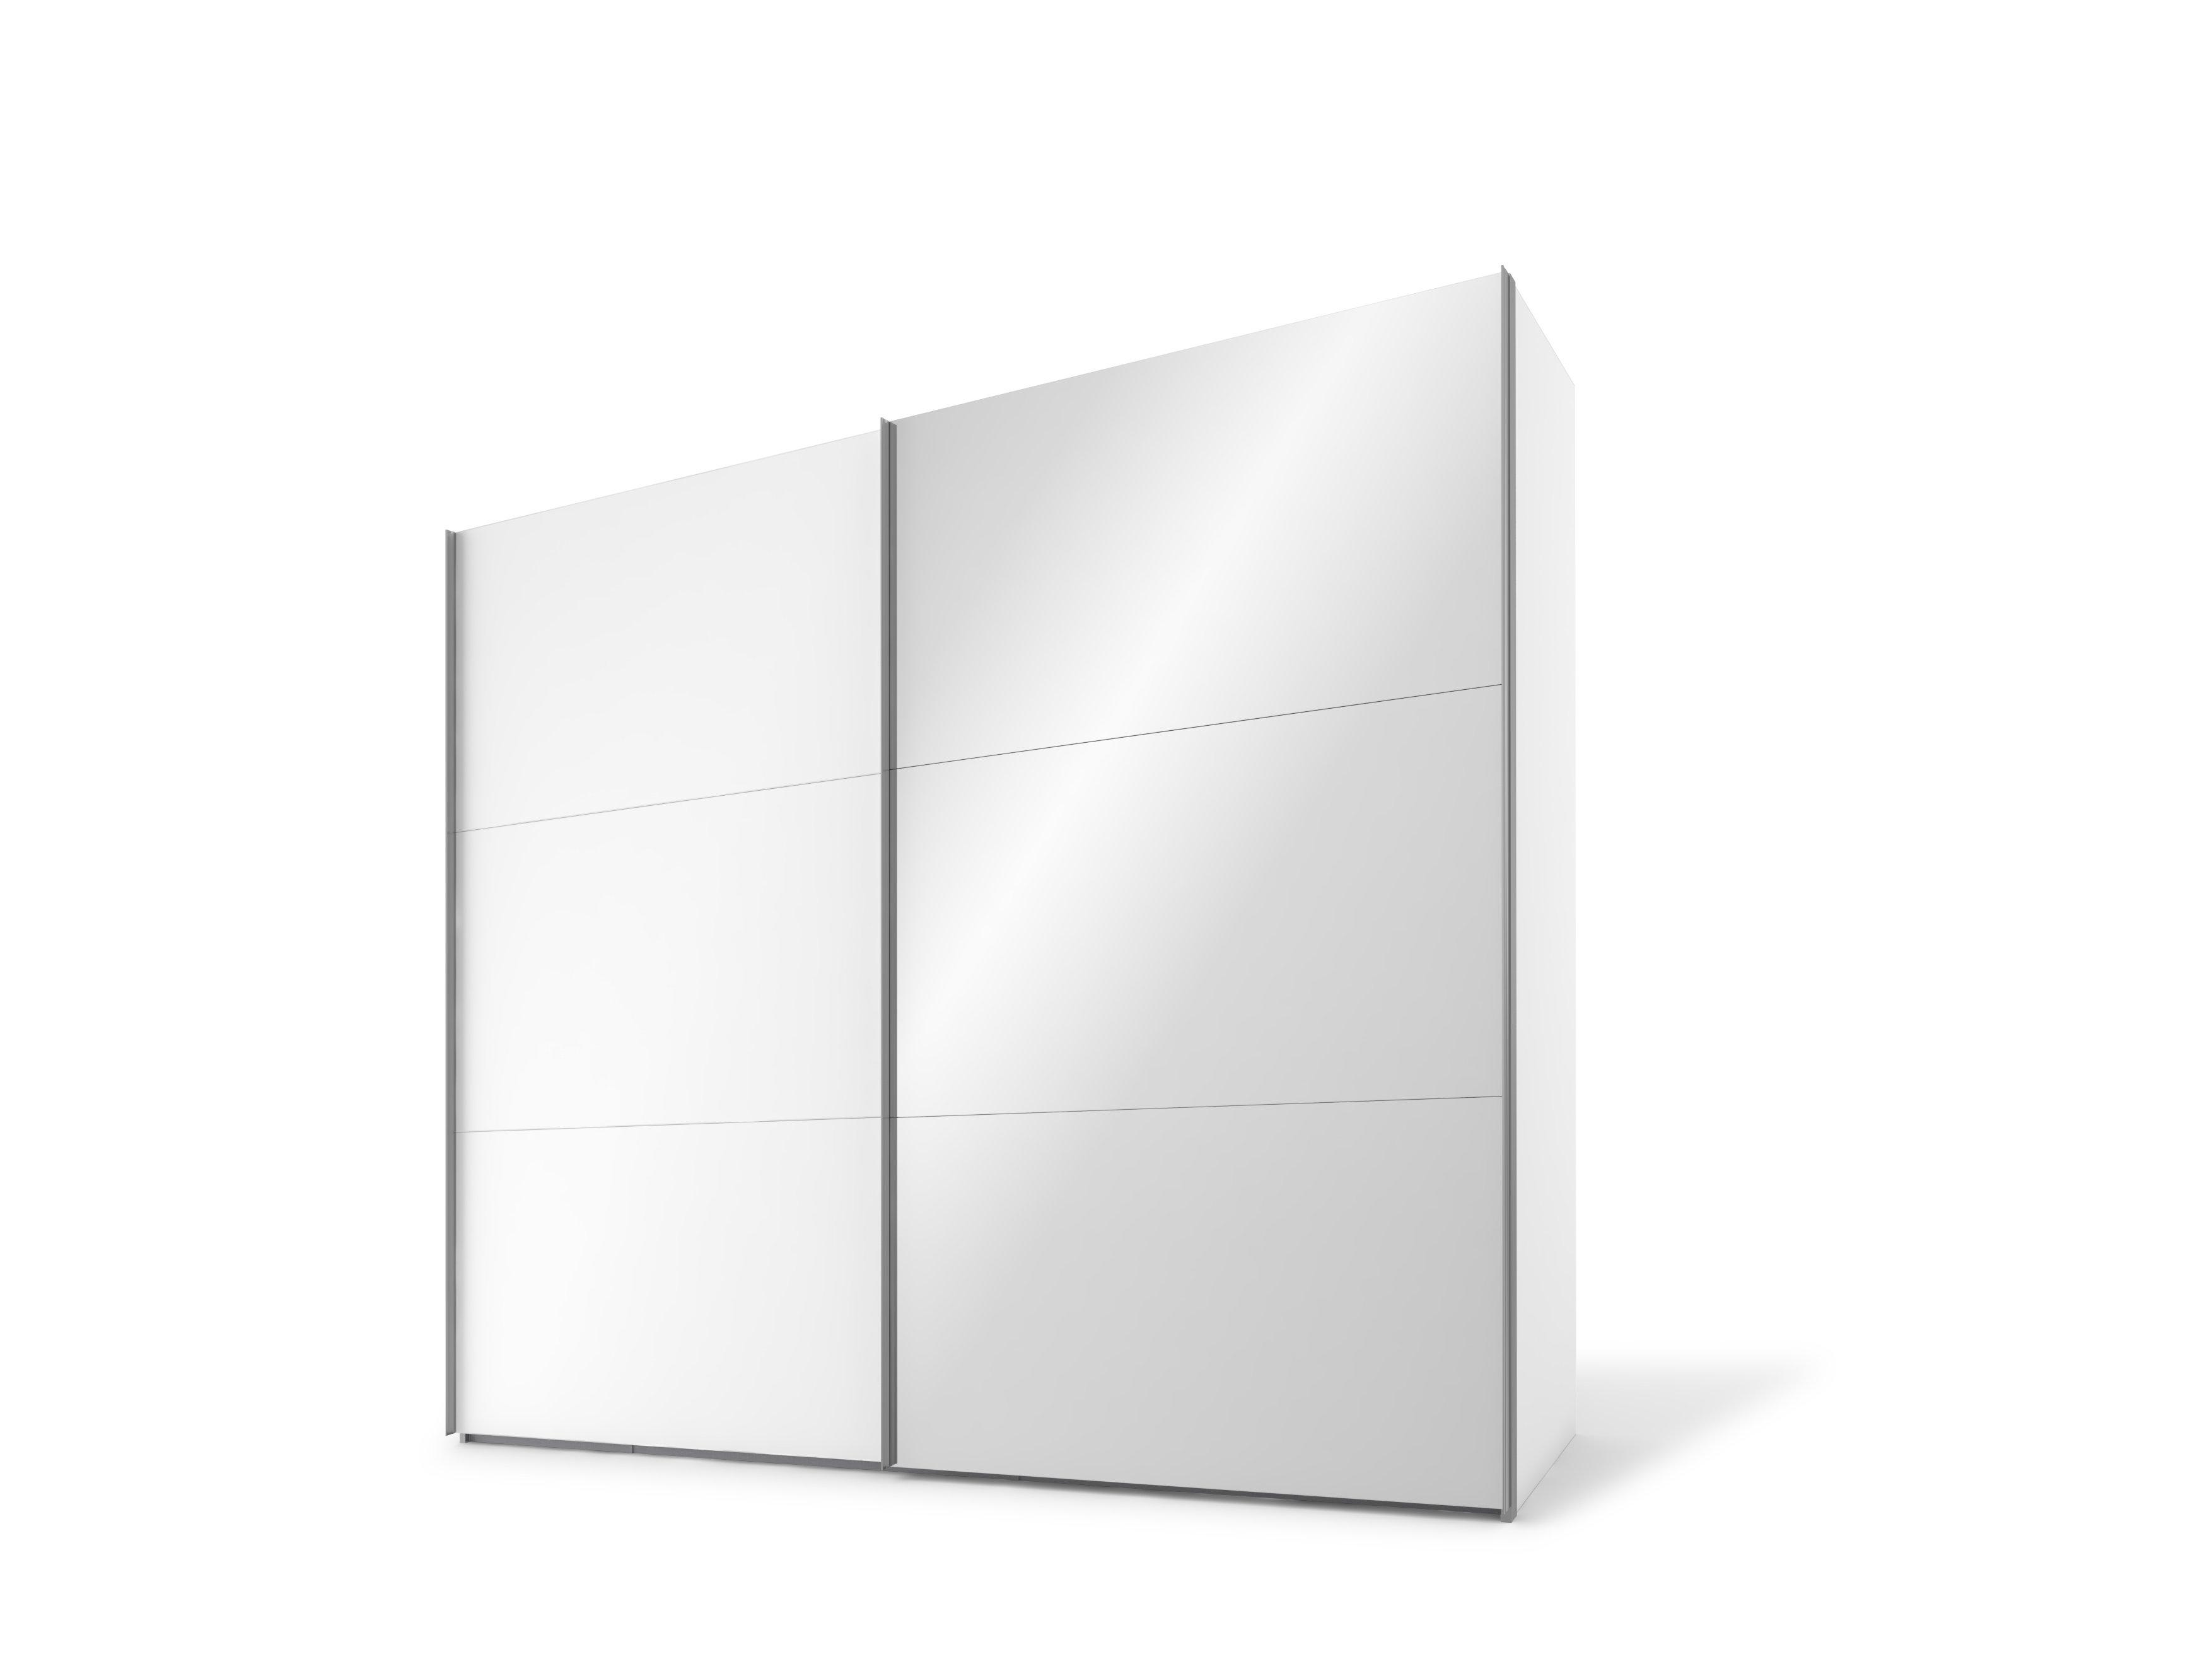 Schwebetürenschrank, Polarweiss/Spiegel